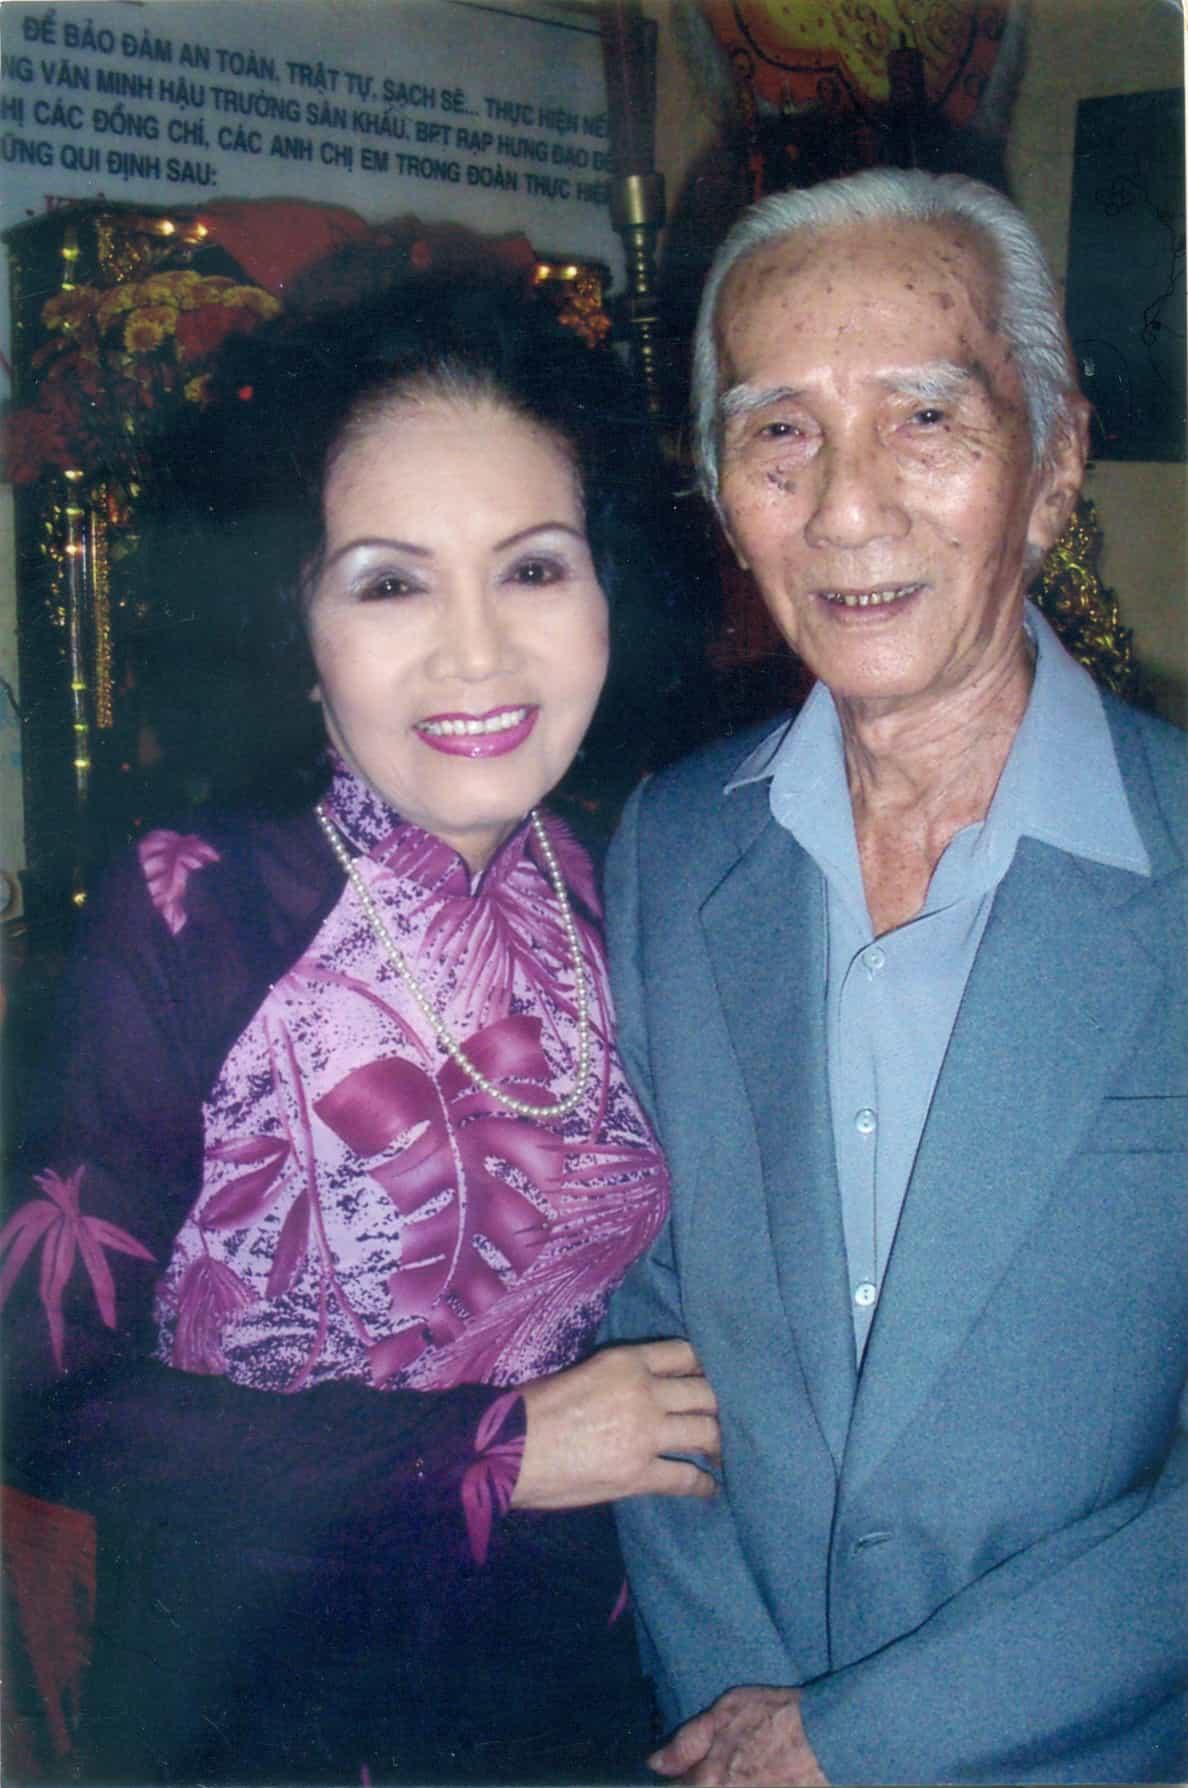 Sầu nữ Út Bạch Lan và SG Viễn Châu